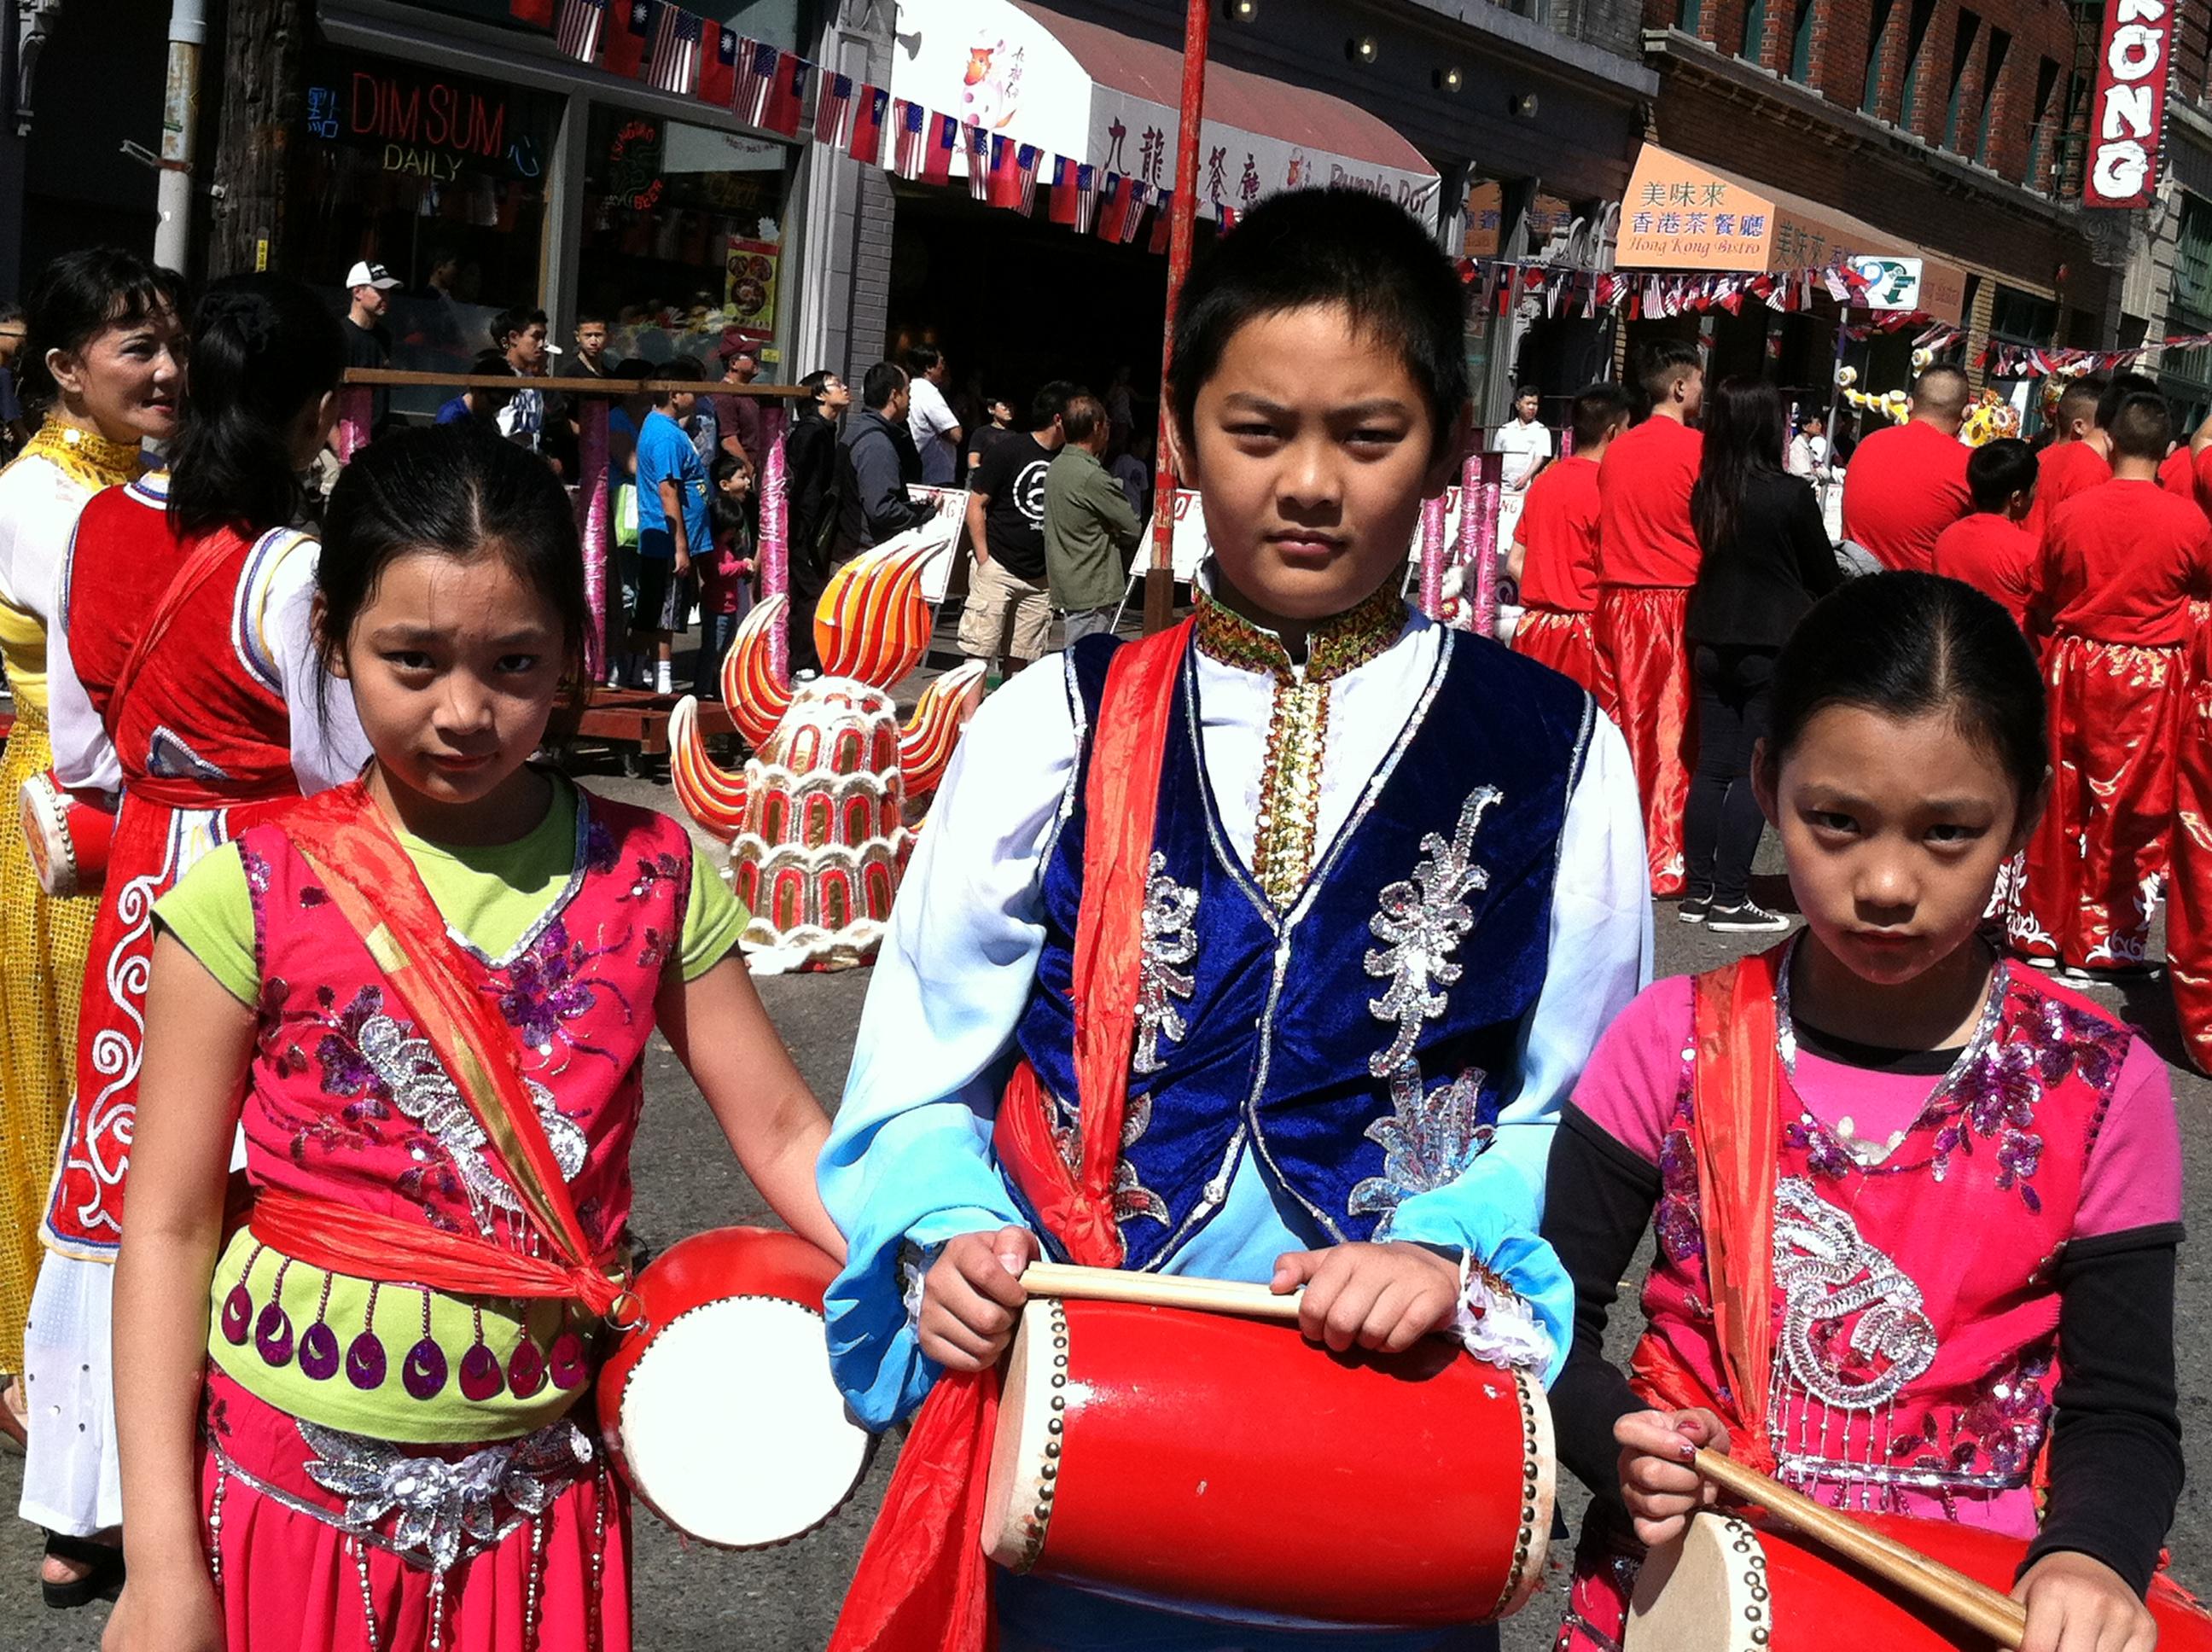 2012 Chinatown Seafair Parade Image 215